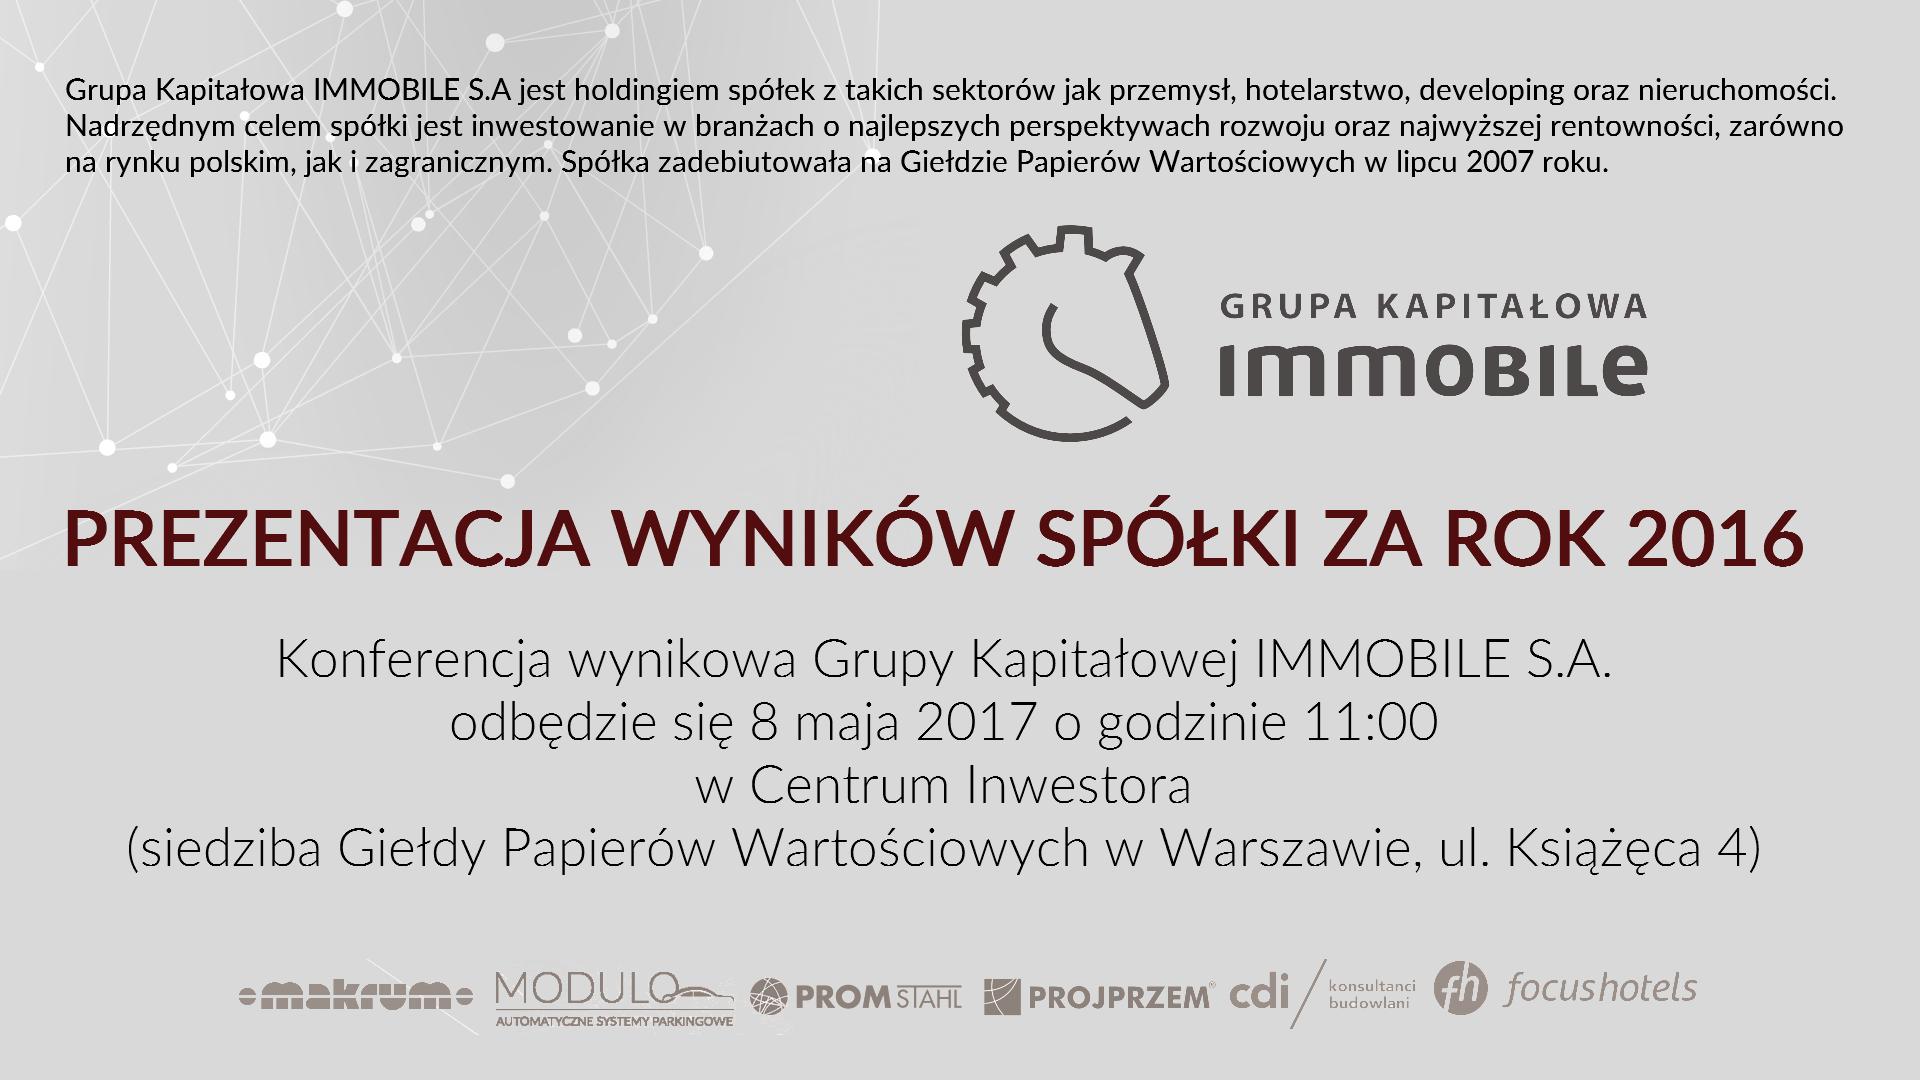 Konferencja wynikowa Grupy Kapitałowej IMMOBILE S.A. za 2016 rok.